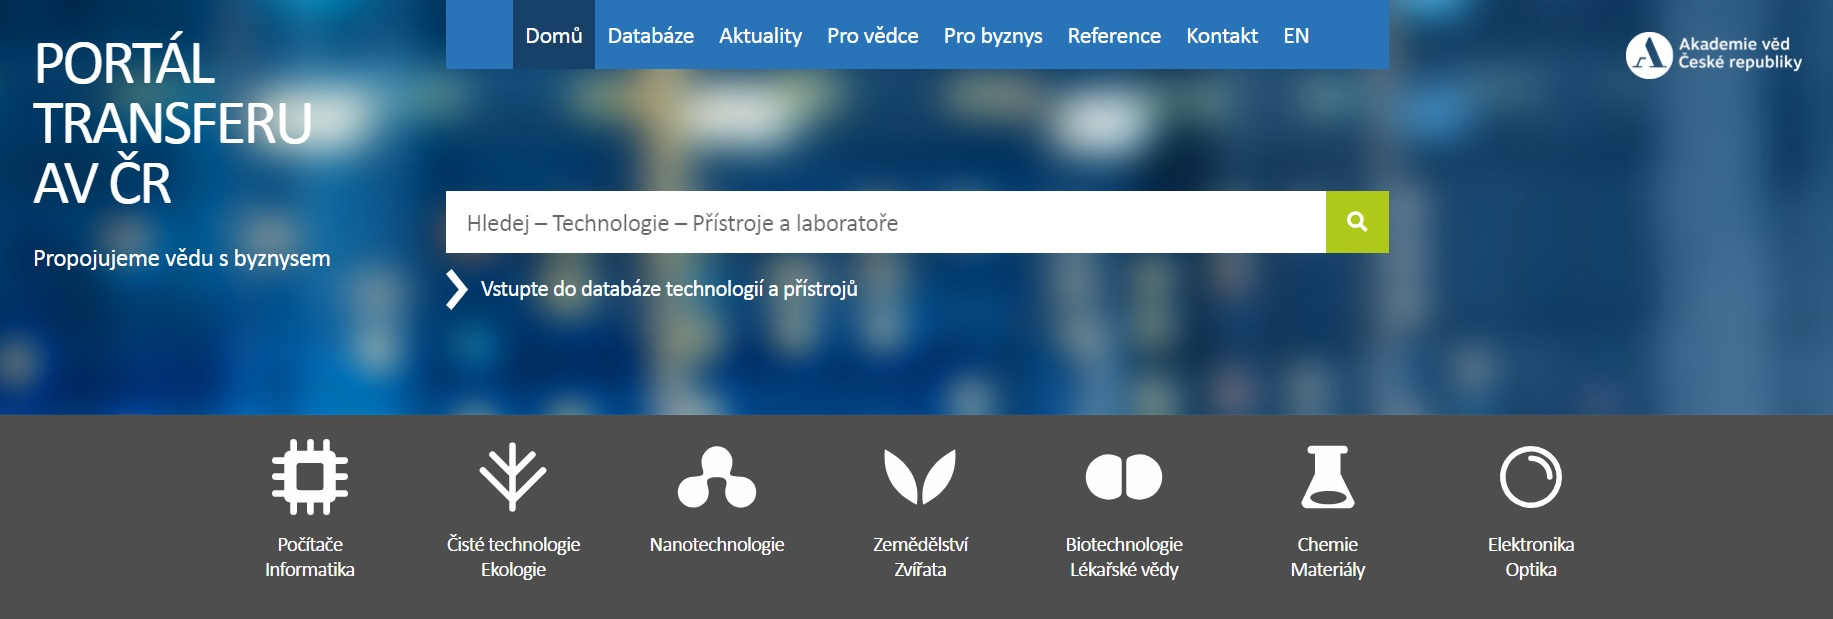 Portál AV ČR